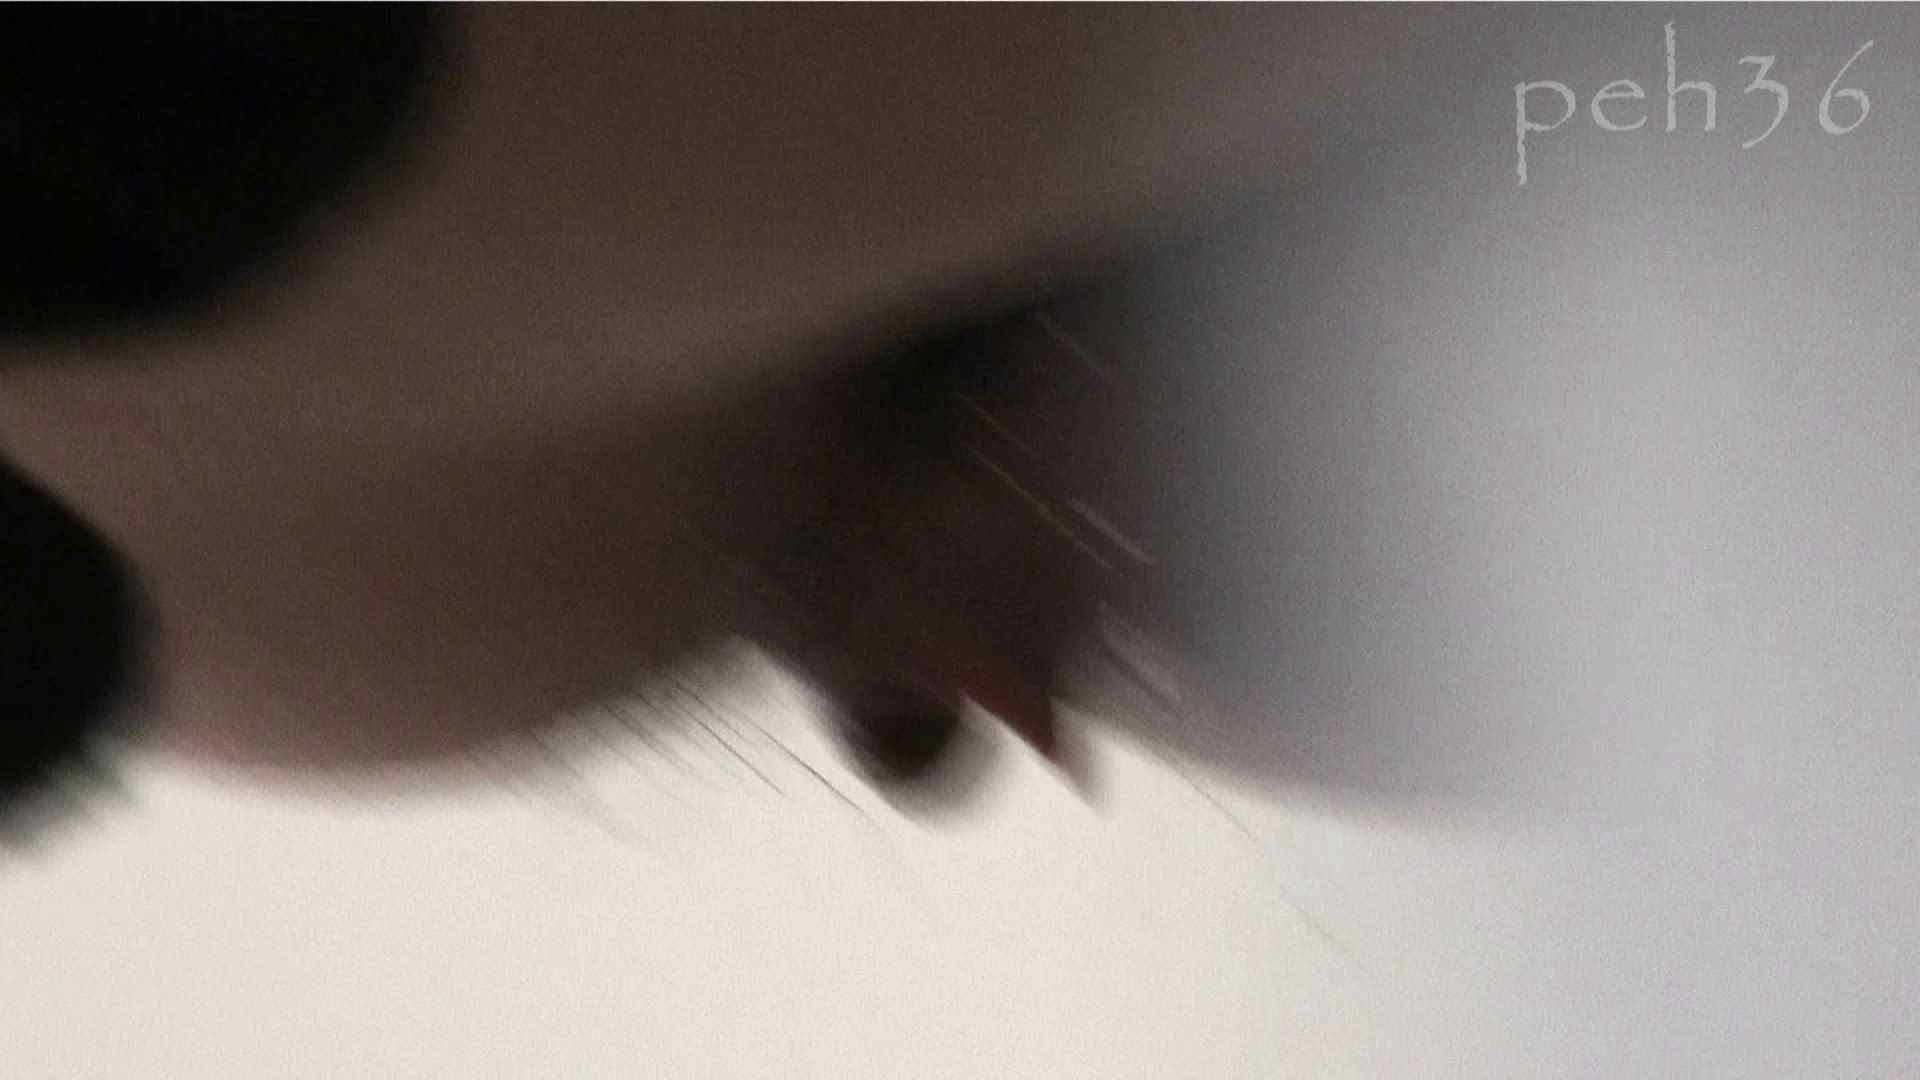 ※100個限定販売 至高下半身盗撮 プレミアム Vol.36 ハイビジョン 盗撮  105pic 62